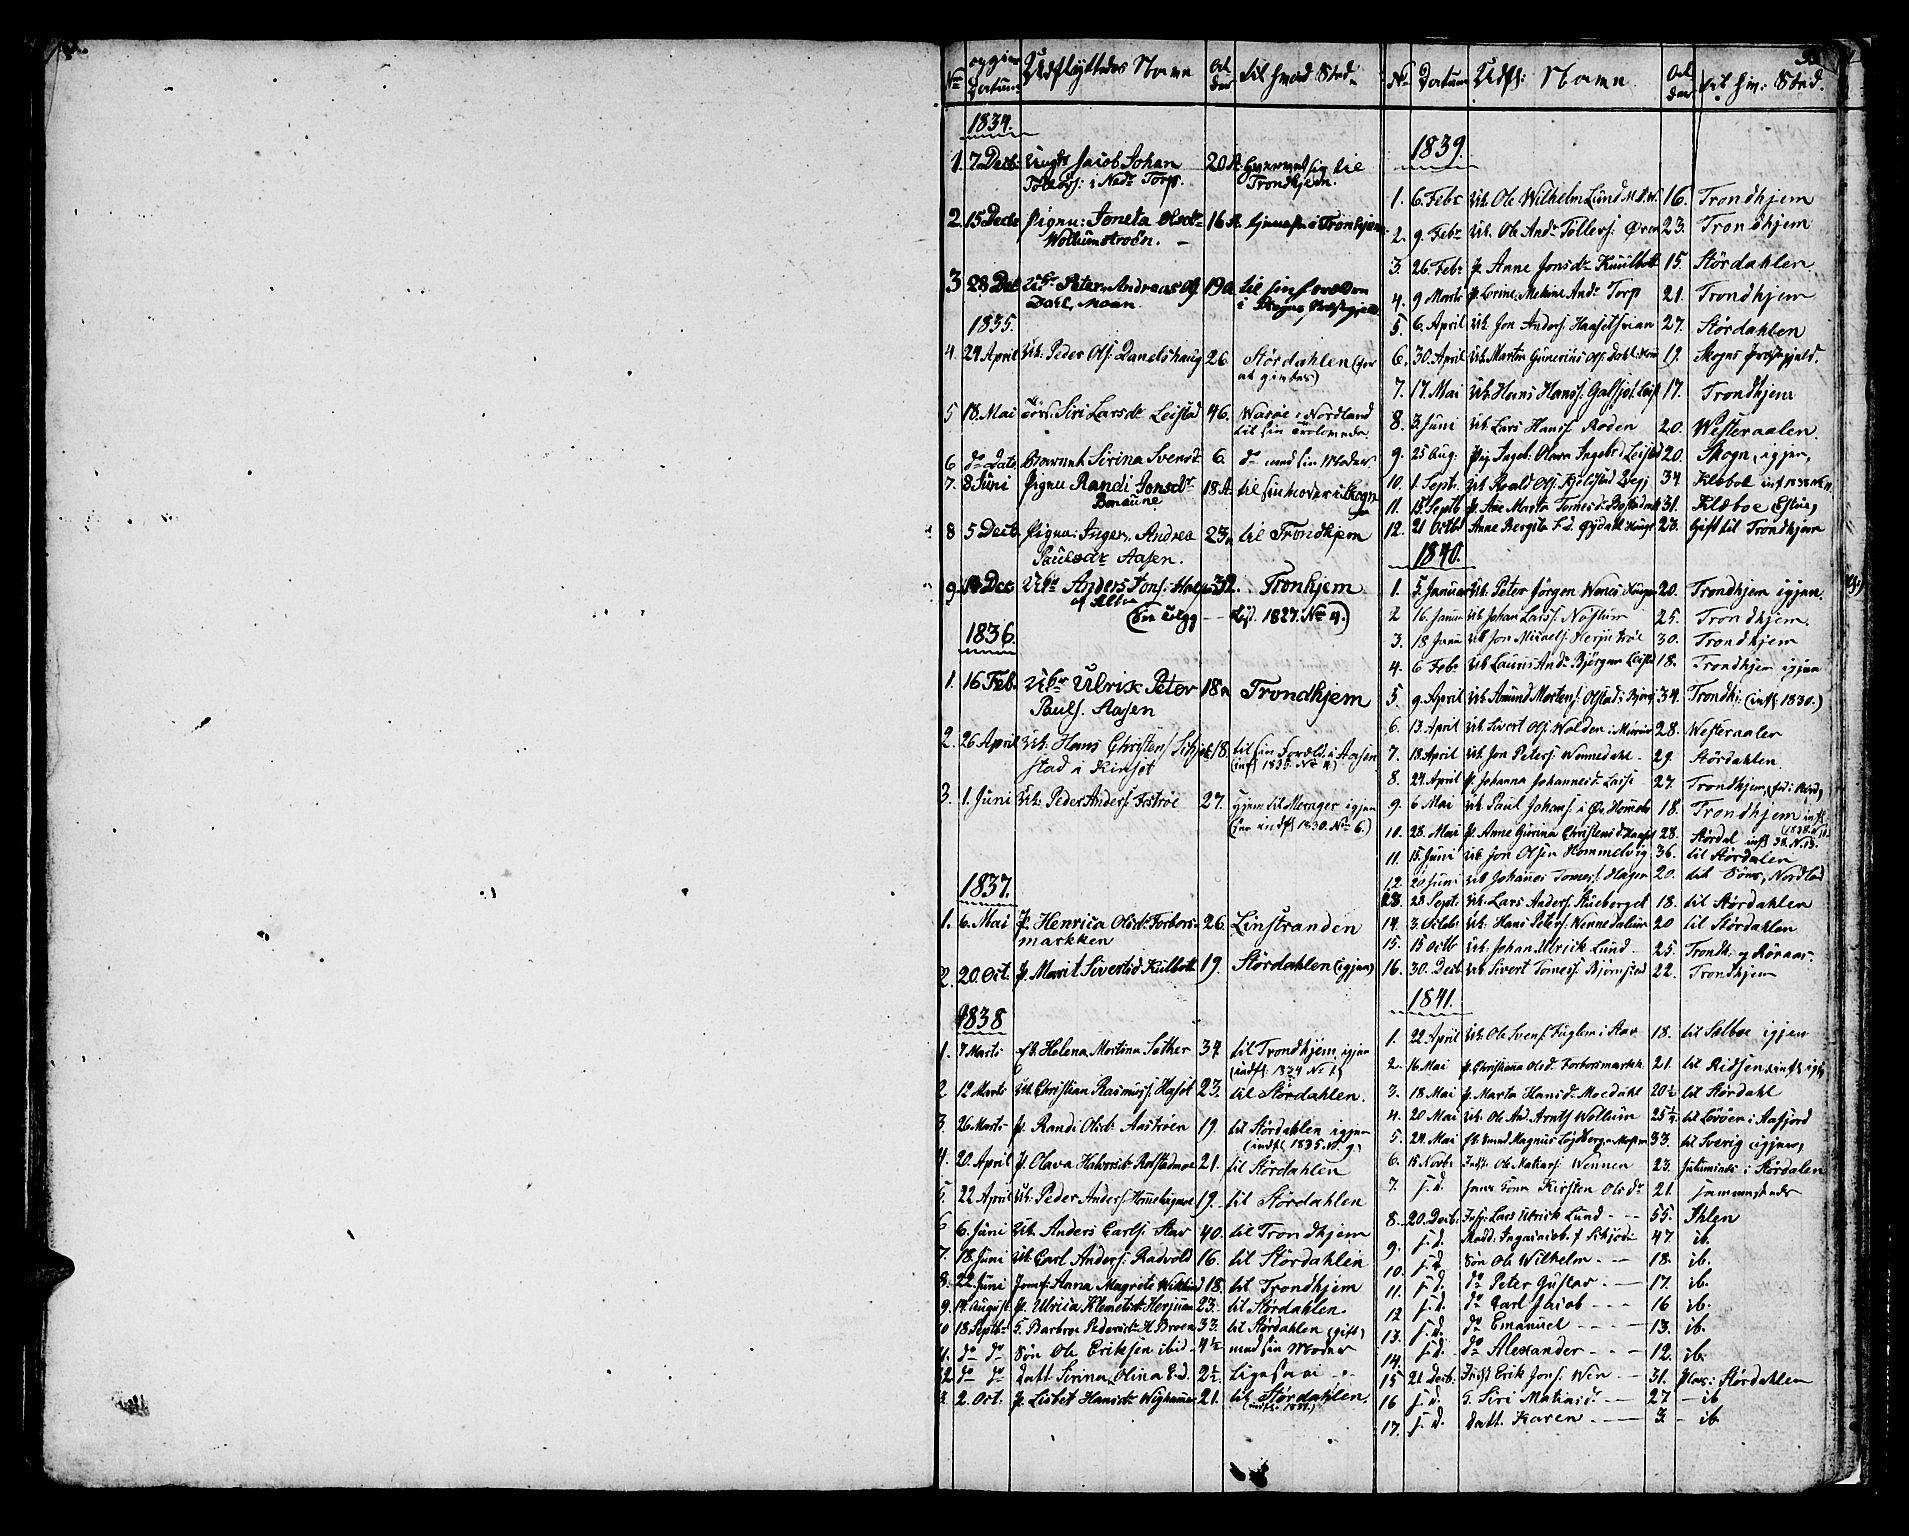 SAT, Ministerialprotokoller, klokkerbøker og fødselsregistre - Sør-Trøndelag, 616/L0421: Klokkerbok nr. 616C04, 1834-1850, s. 53